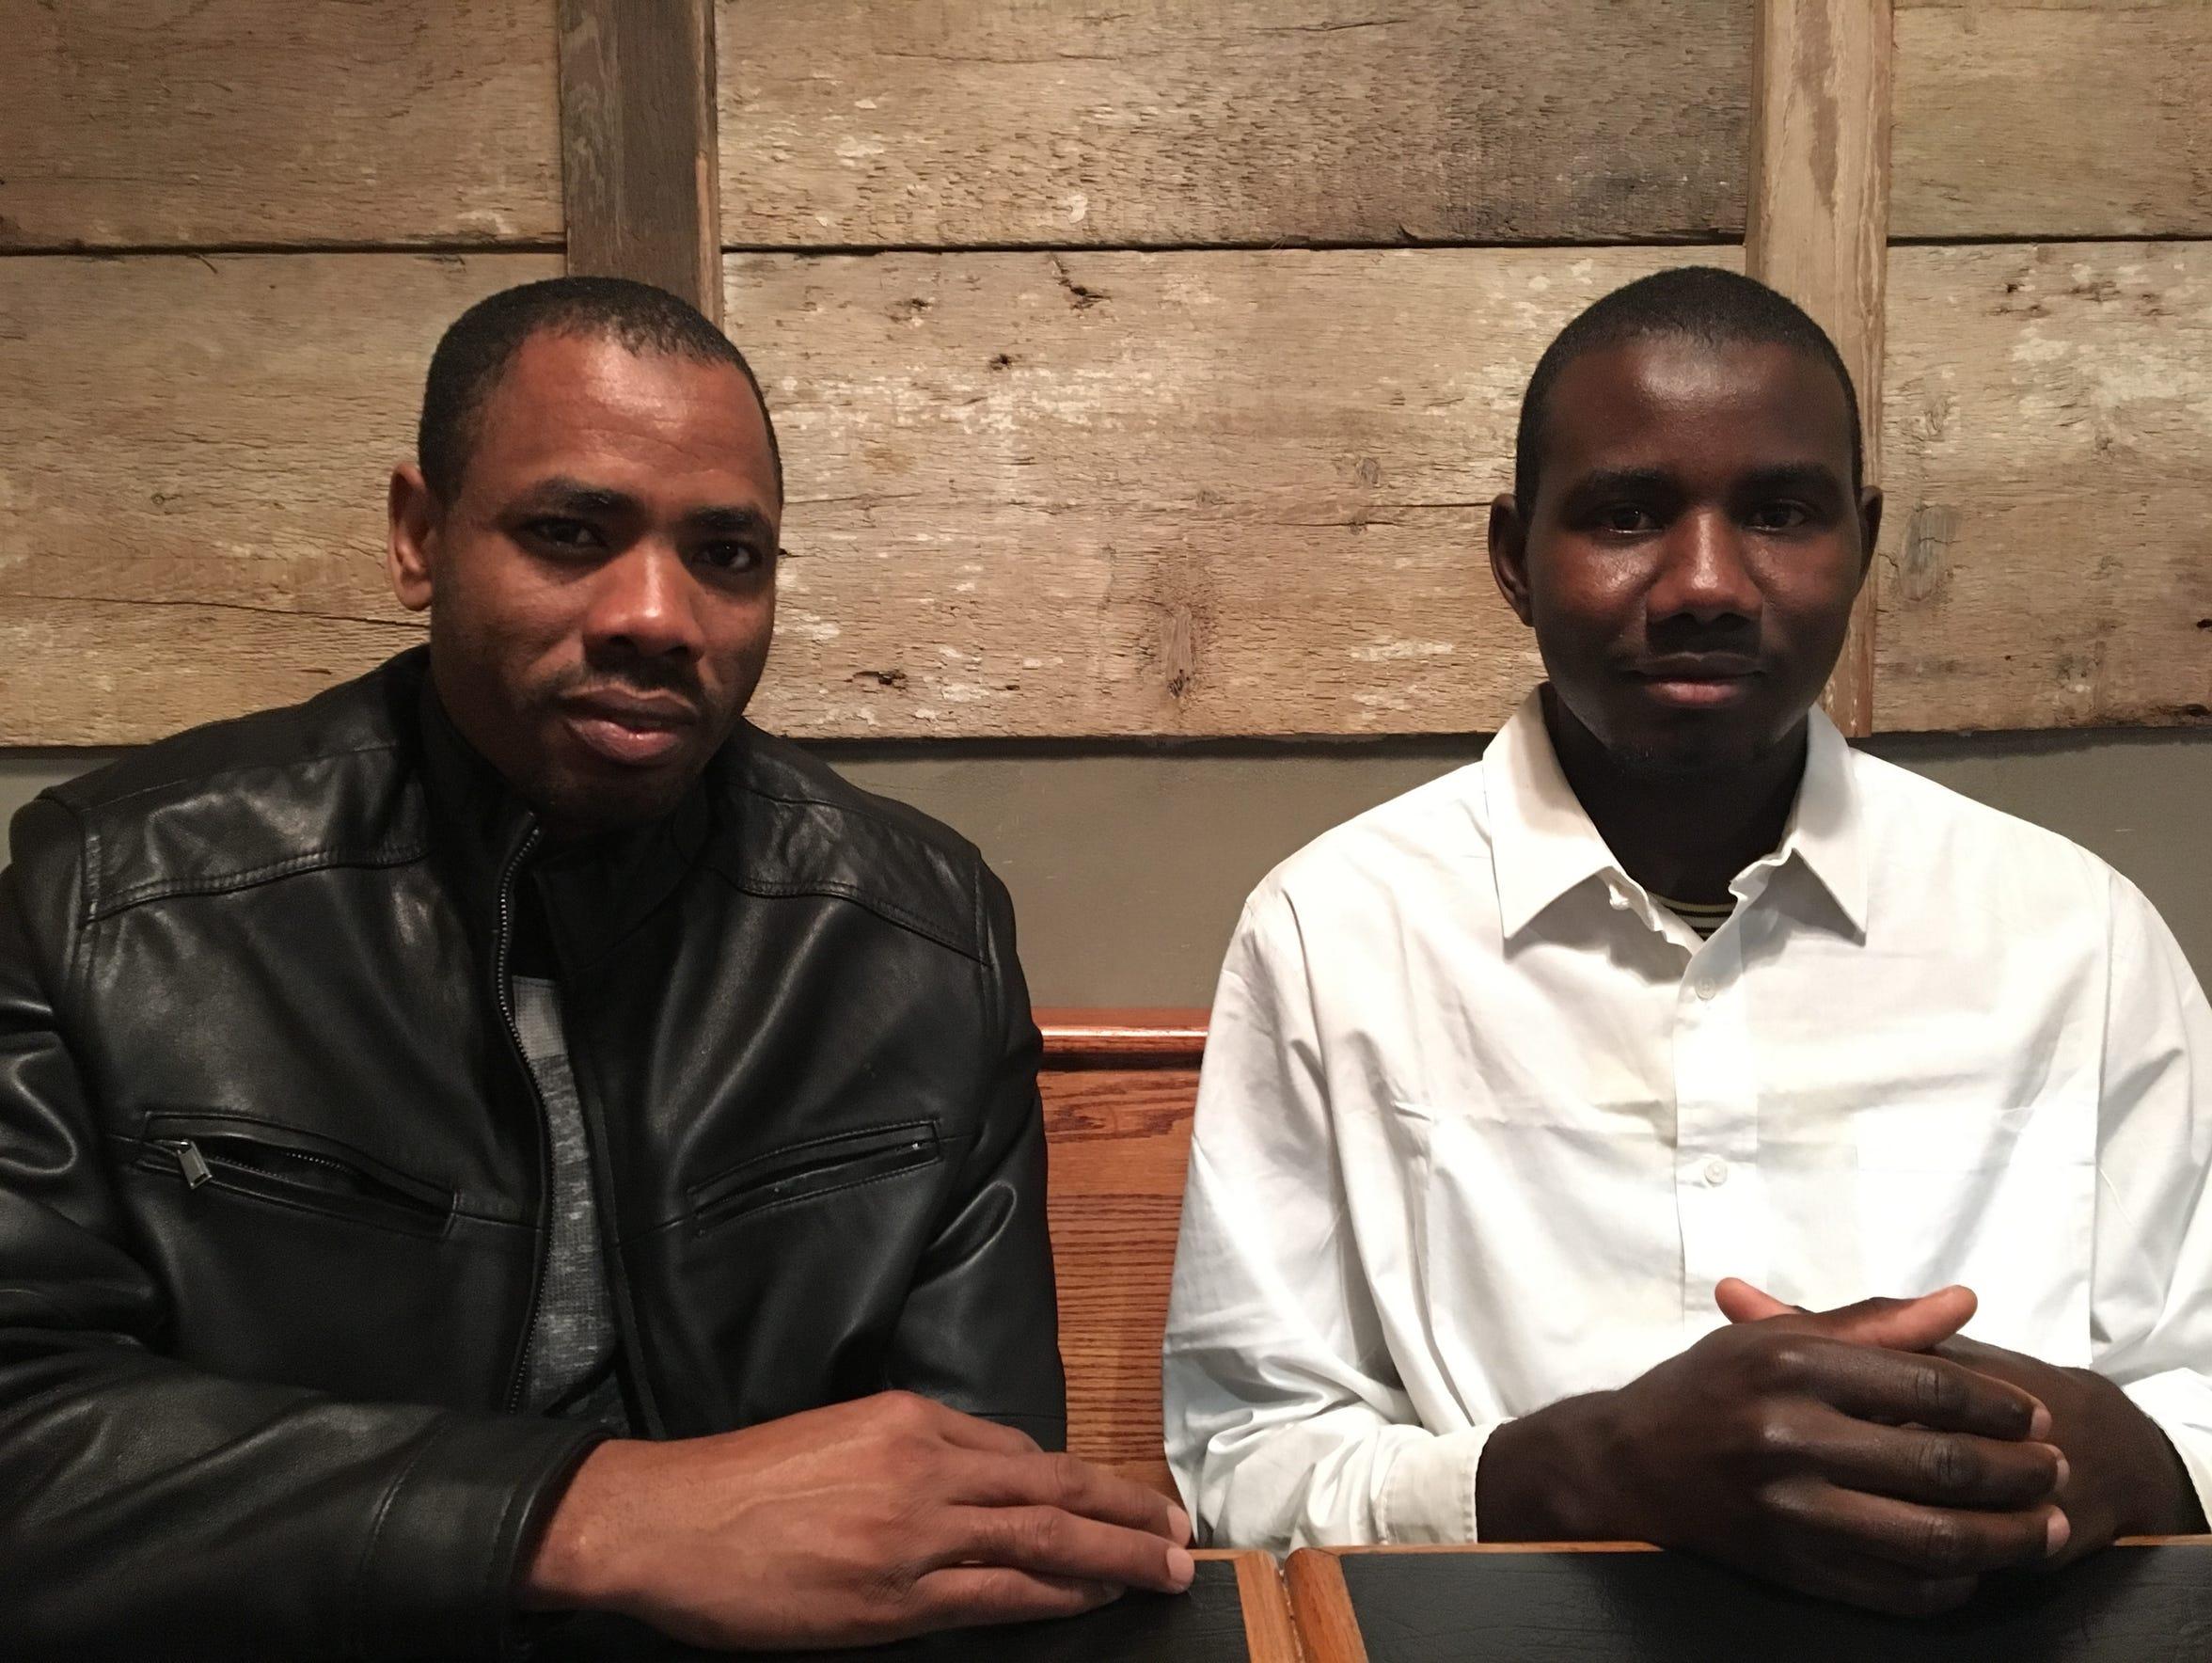 Mohamed Taha Mohamed (left) and Abdelrahman Abshir,